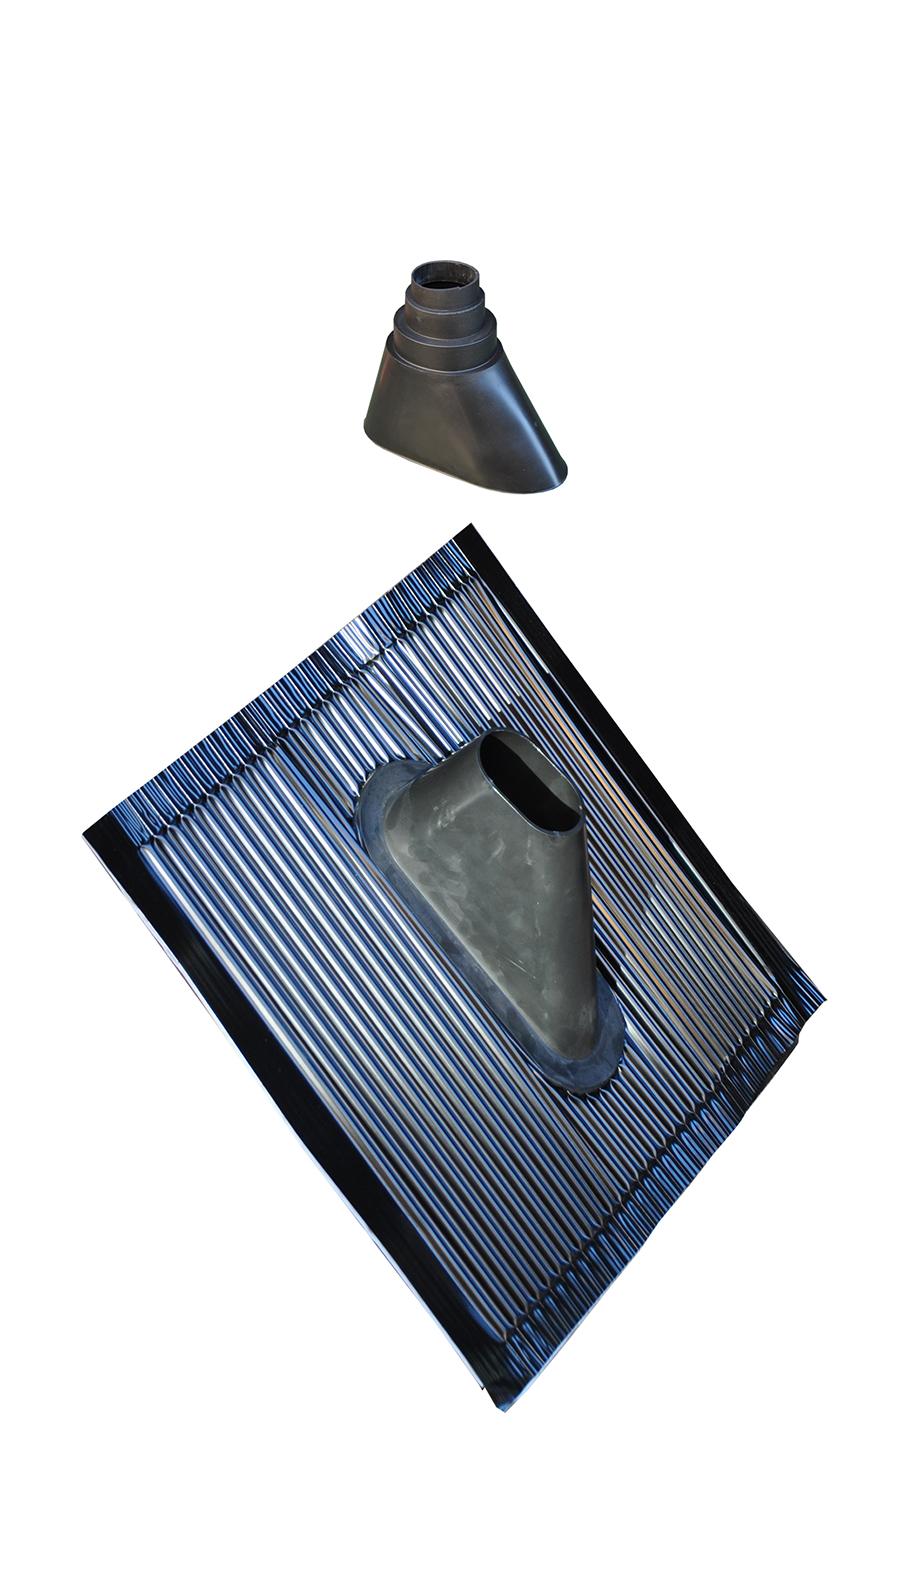 Zestaw uszczelniający dach - czarny